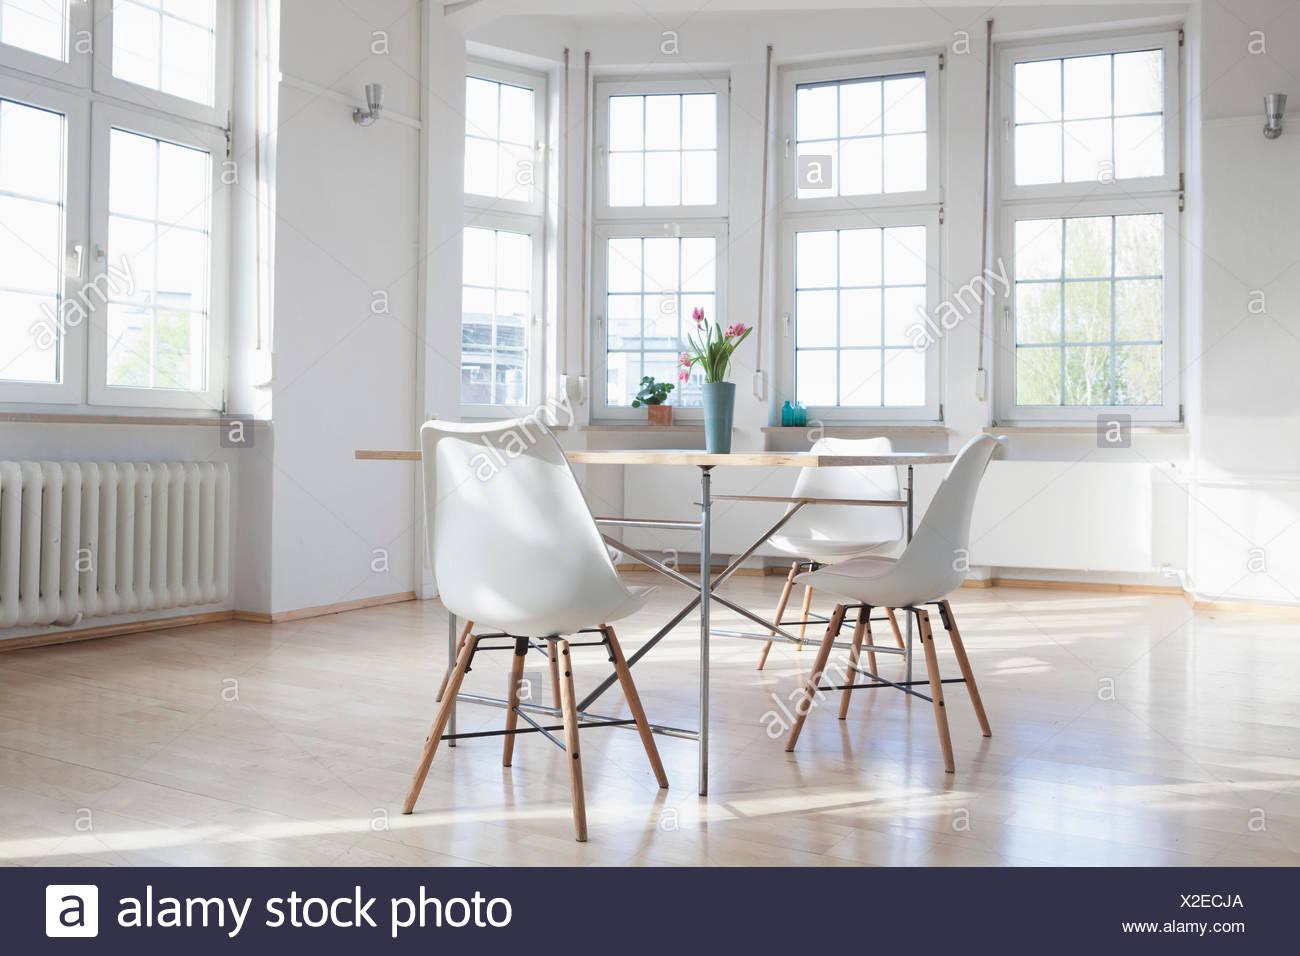 Wohnlandschaft Mit Tisch Und Stuhlen Stockfoto Bild 276912450 Alamy